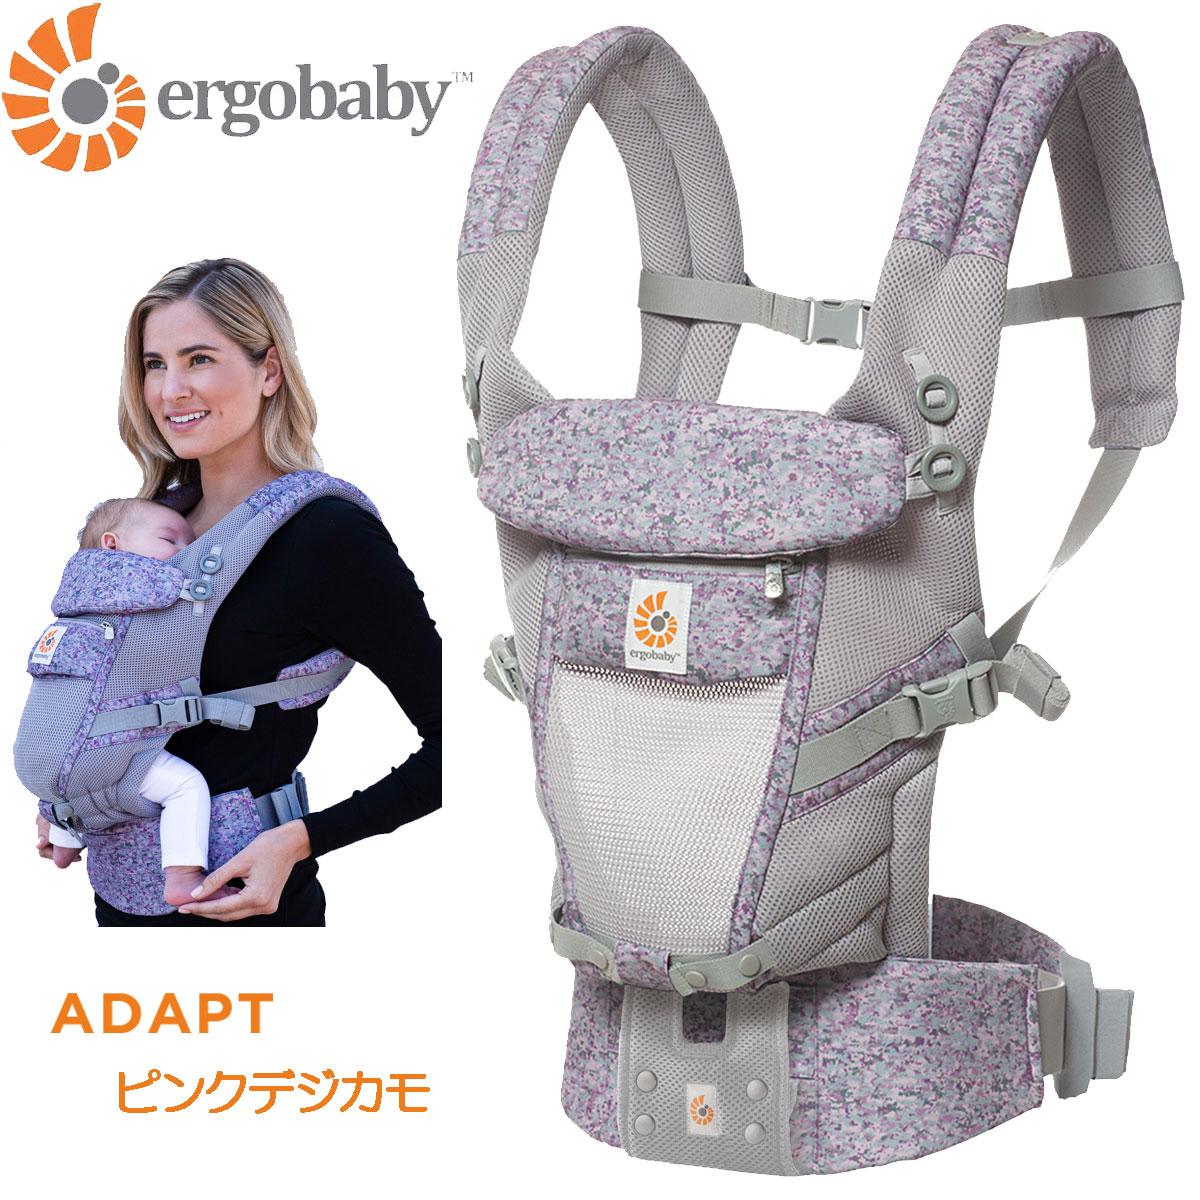 【送料無料】 DADWAY エルゴベビー ADAPT クールエア ピンクデジカモ(CREGBCPEAPPKDG) だっこひも ベビーキャリア【ベビー用品】対面抱き 腰抱き おんぶ 最長2年保証 新生児から20kgまで 日本正規品